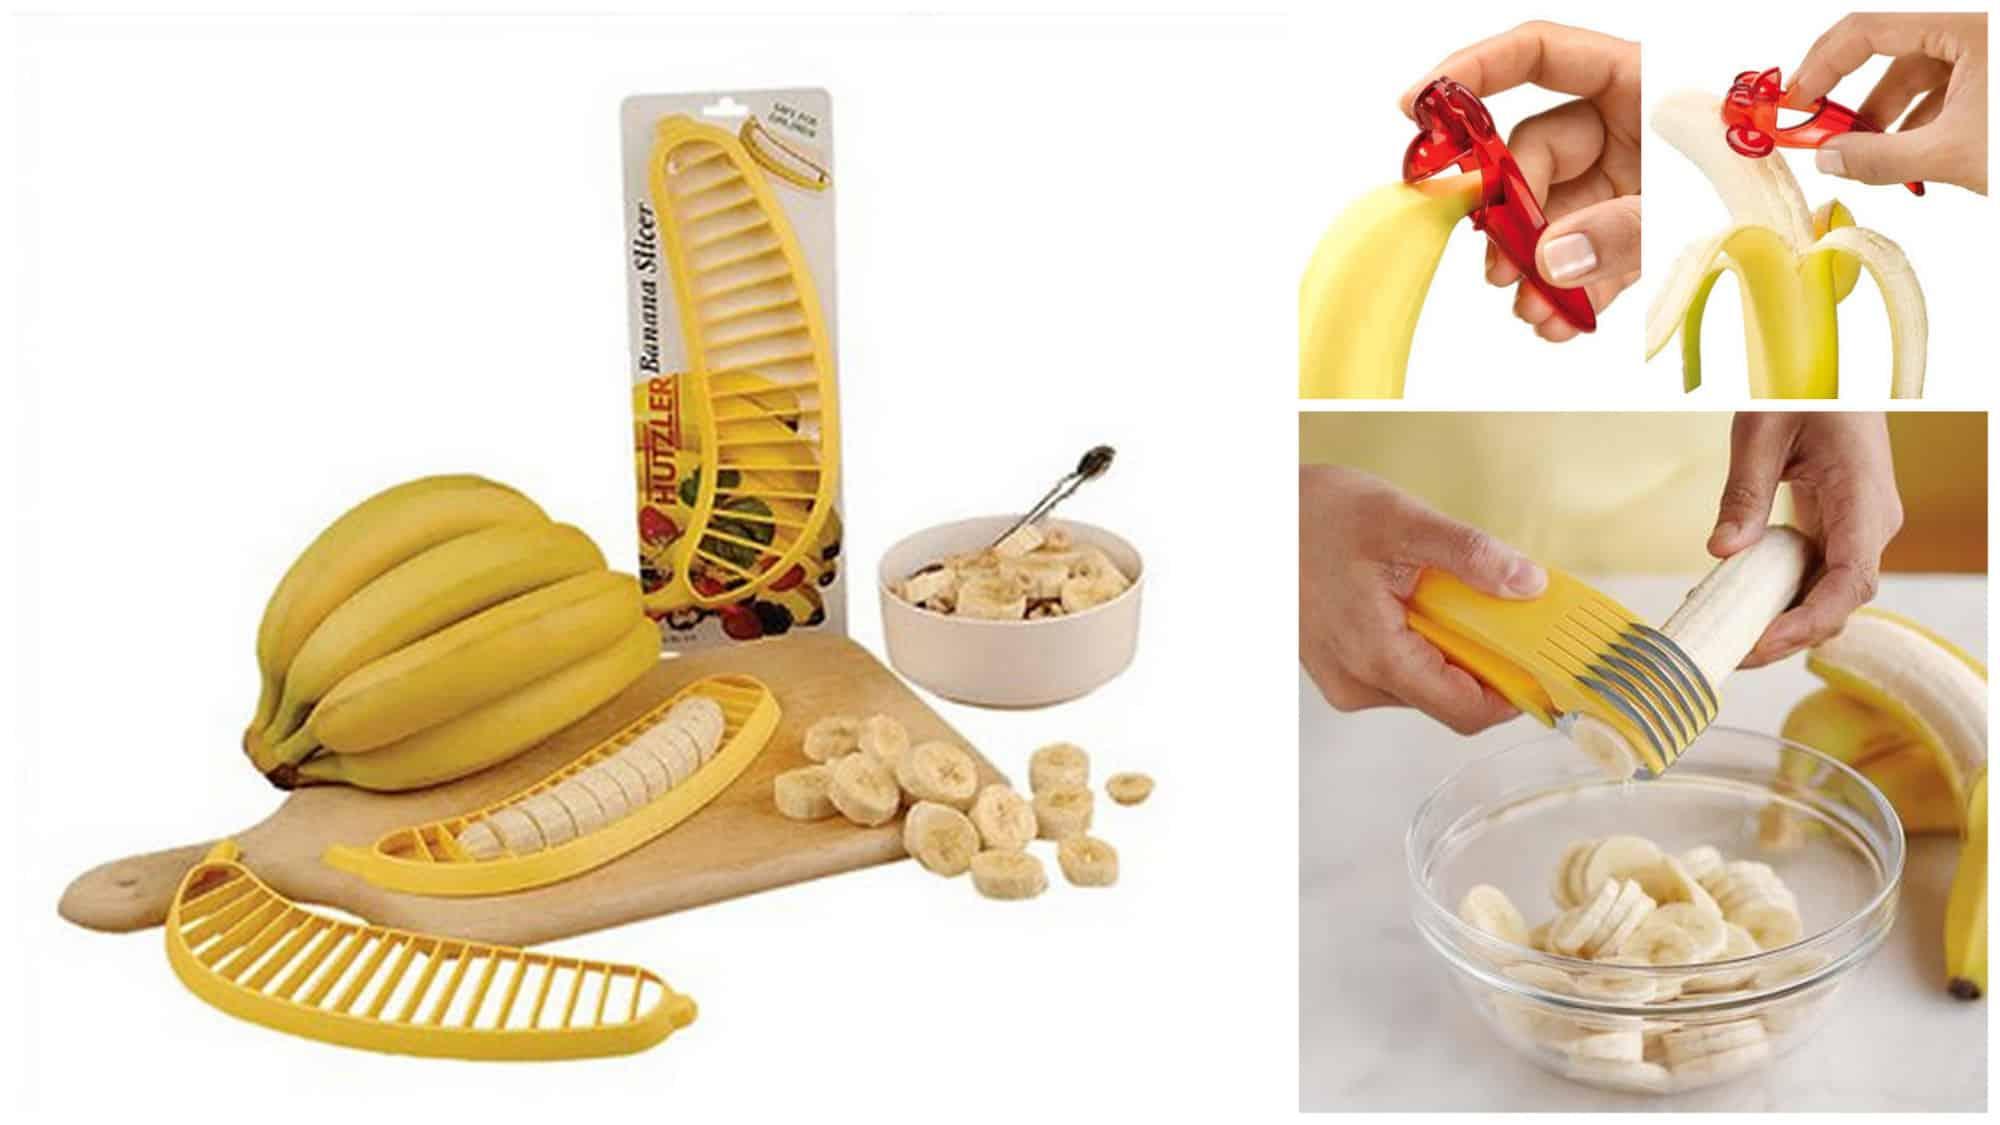 kuchenne gadżety - do krojenia banana